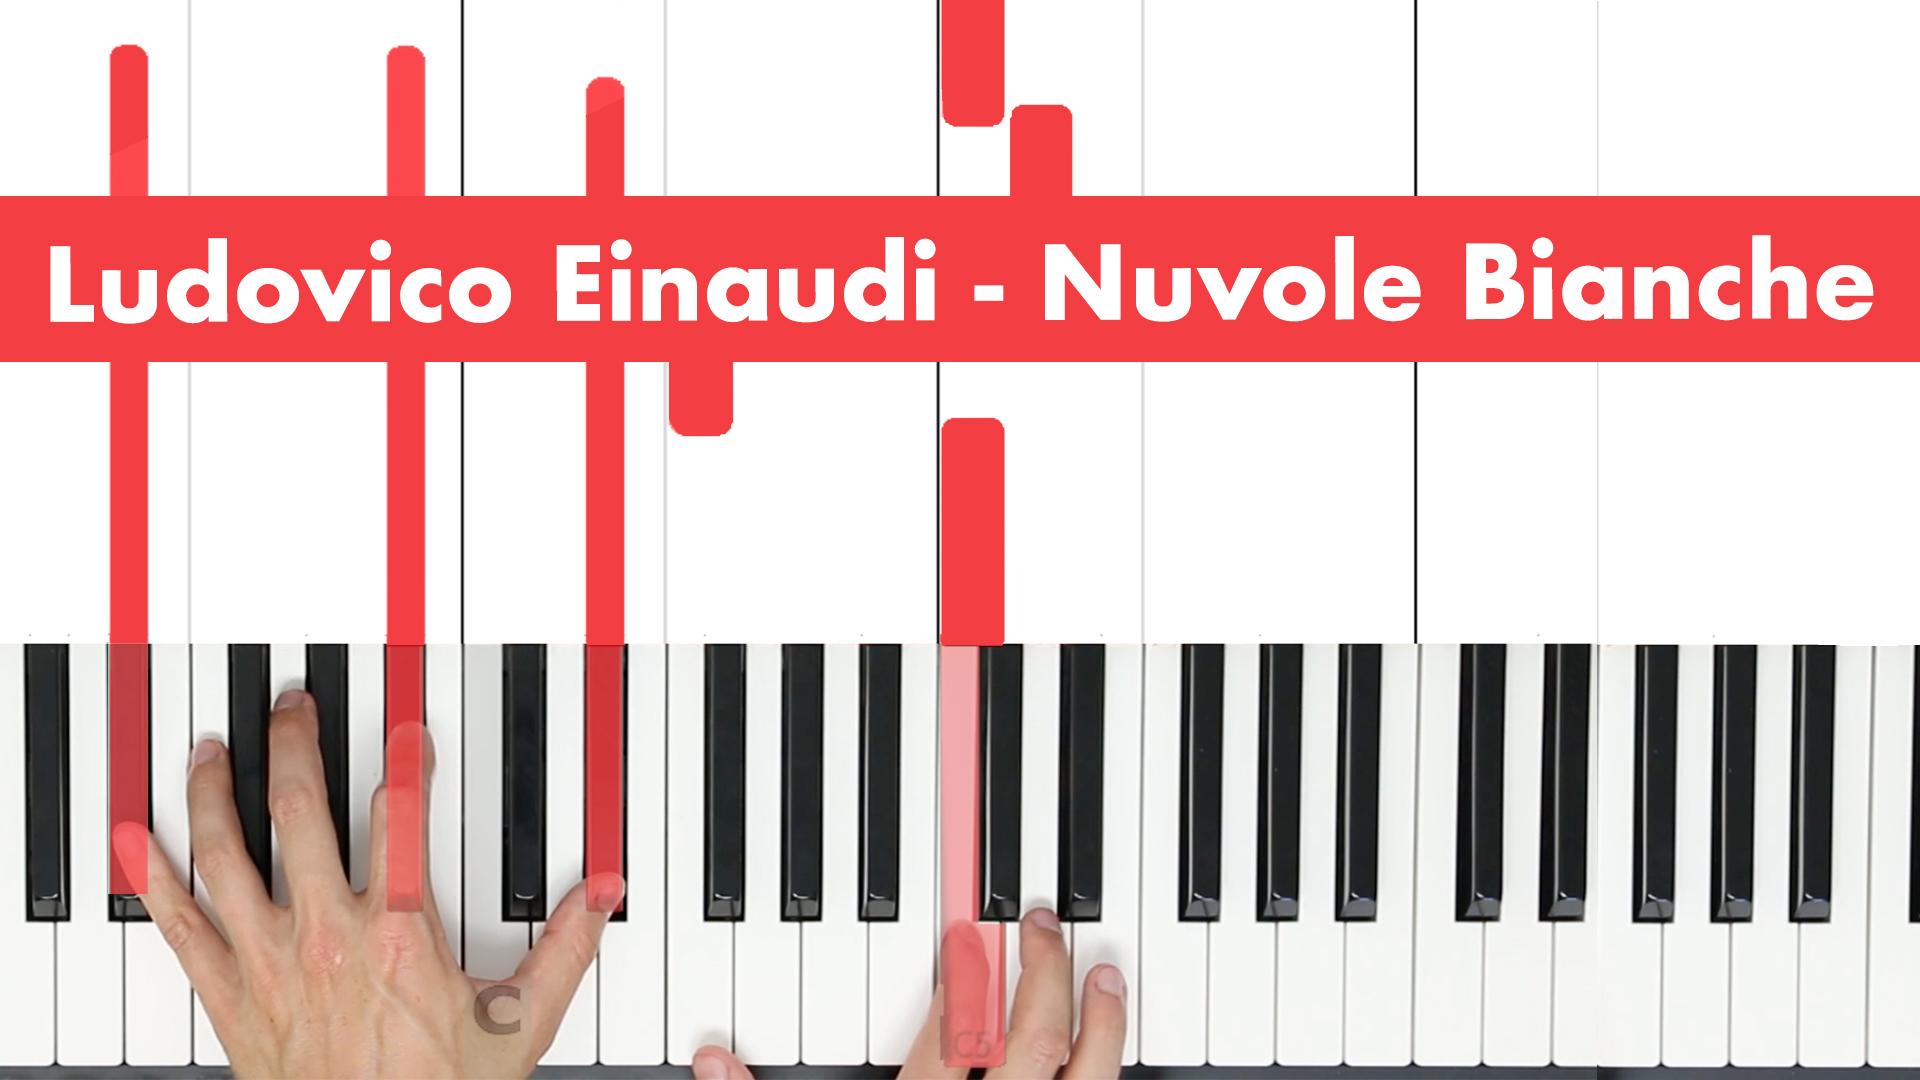 Ludovico Einaudi – Nuvole Bianche – Original